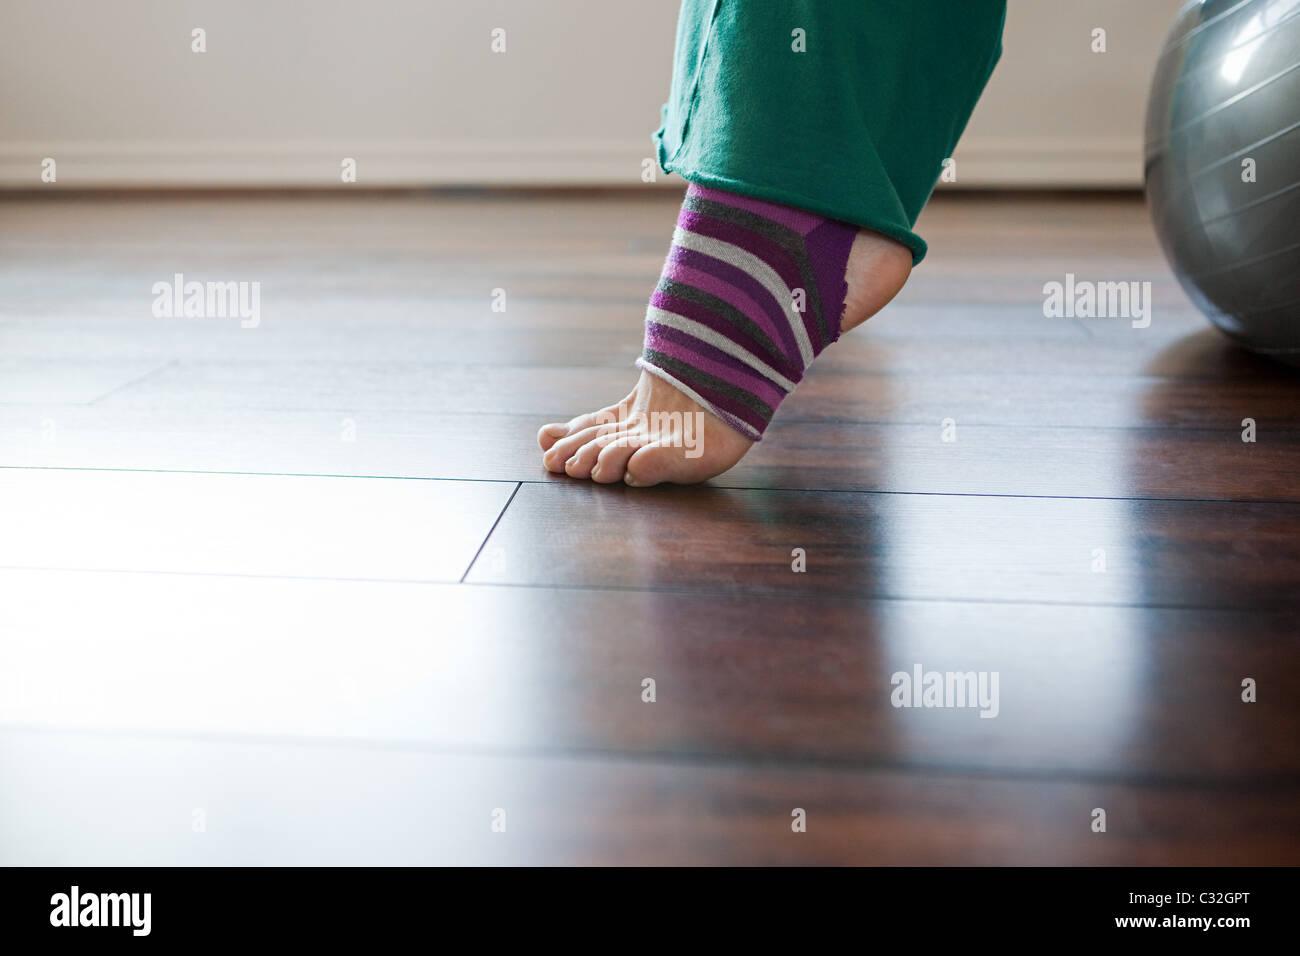 Mujeres vistiendo stripey legwarmers en ejercicio de pelota Imagen De Stock